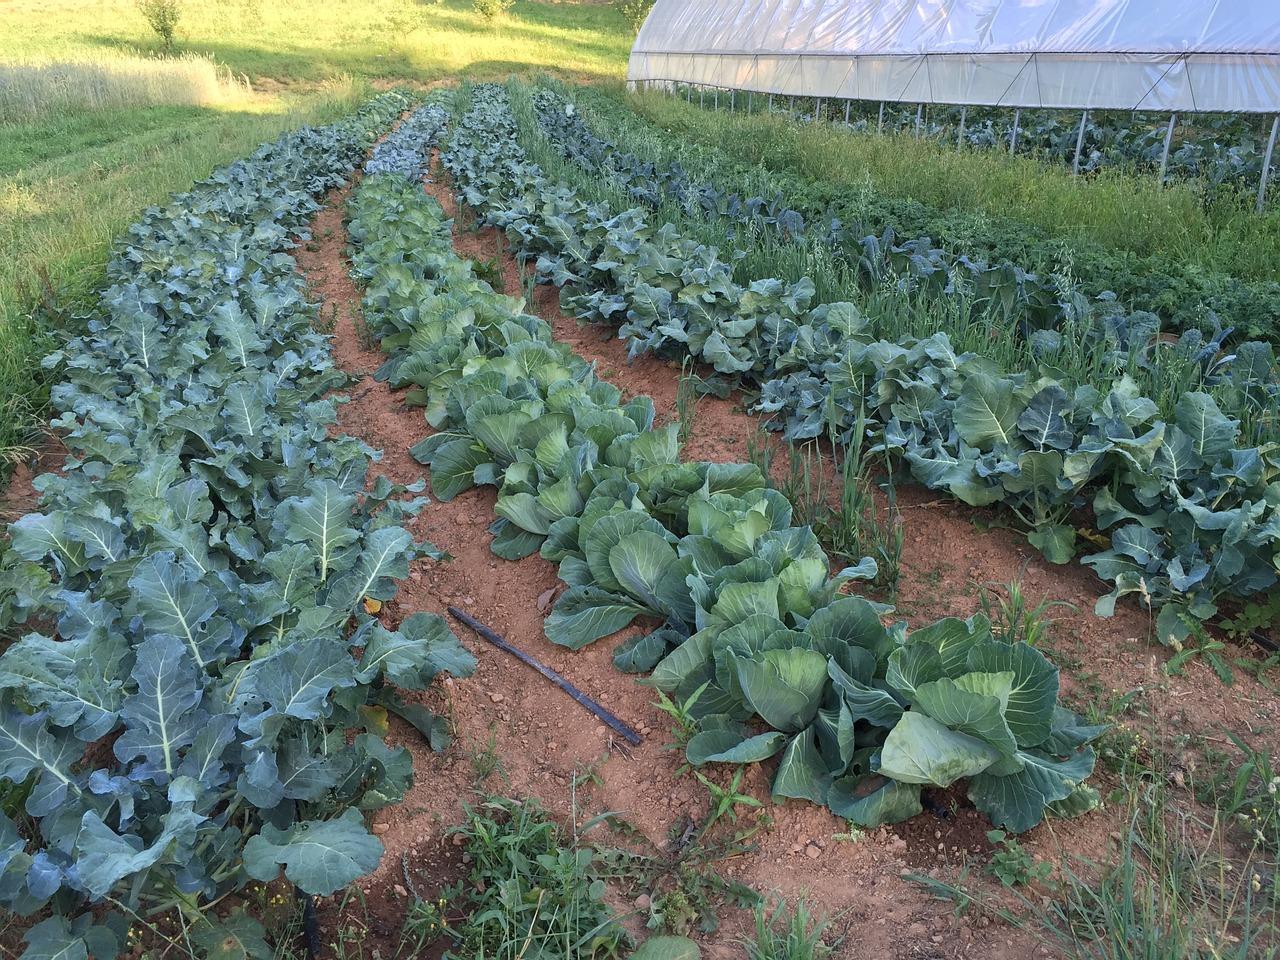 farm-1094434_1280